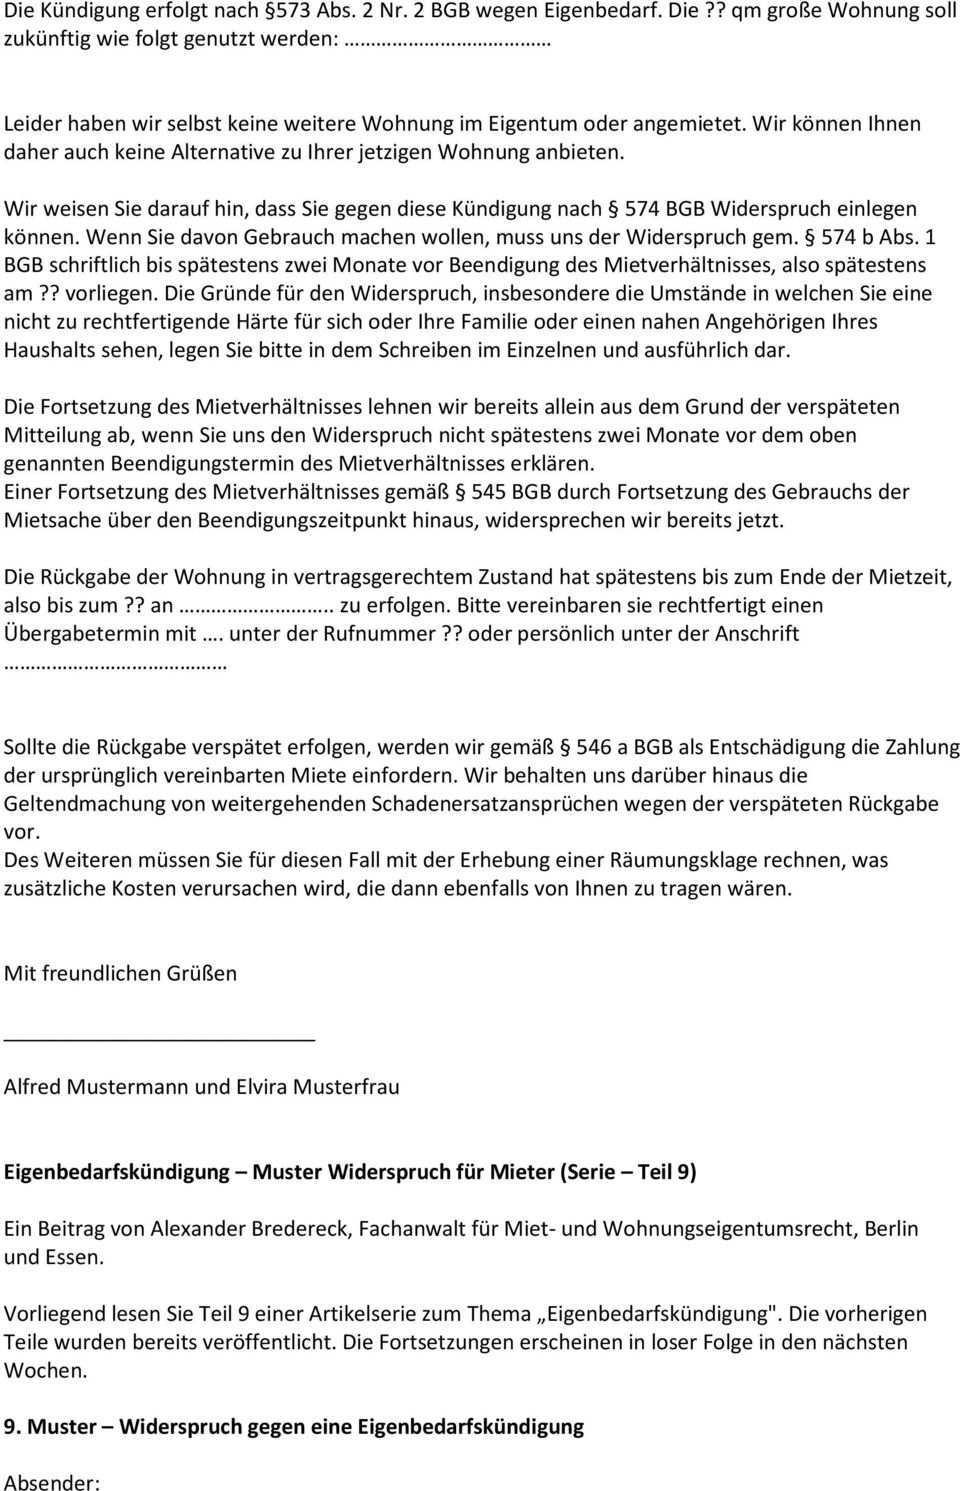 Eigenbedarfskundigung Von Wem Kann Eigenbedarf Geltend Gemacht Werden Serie Teil 1 Pdf Free Download